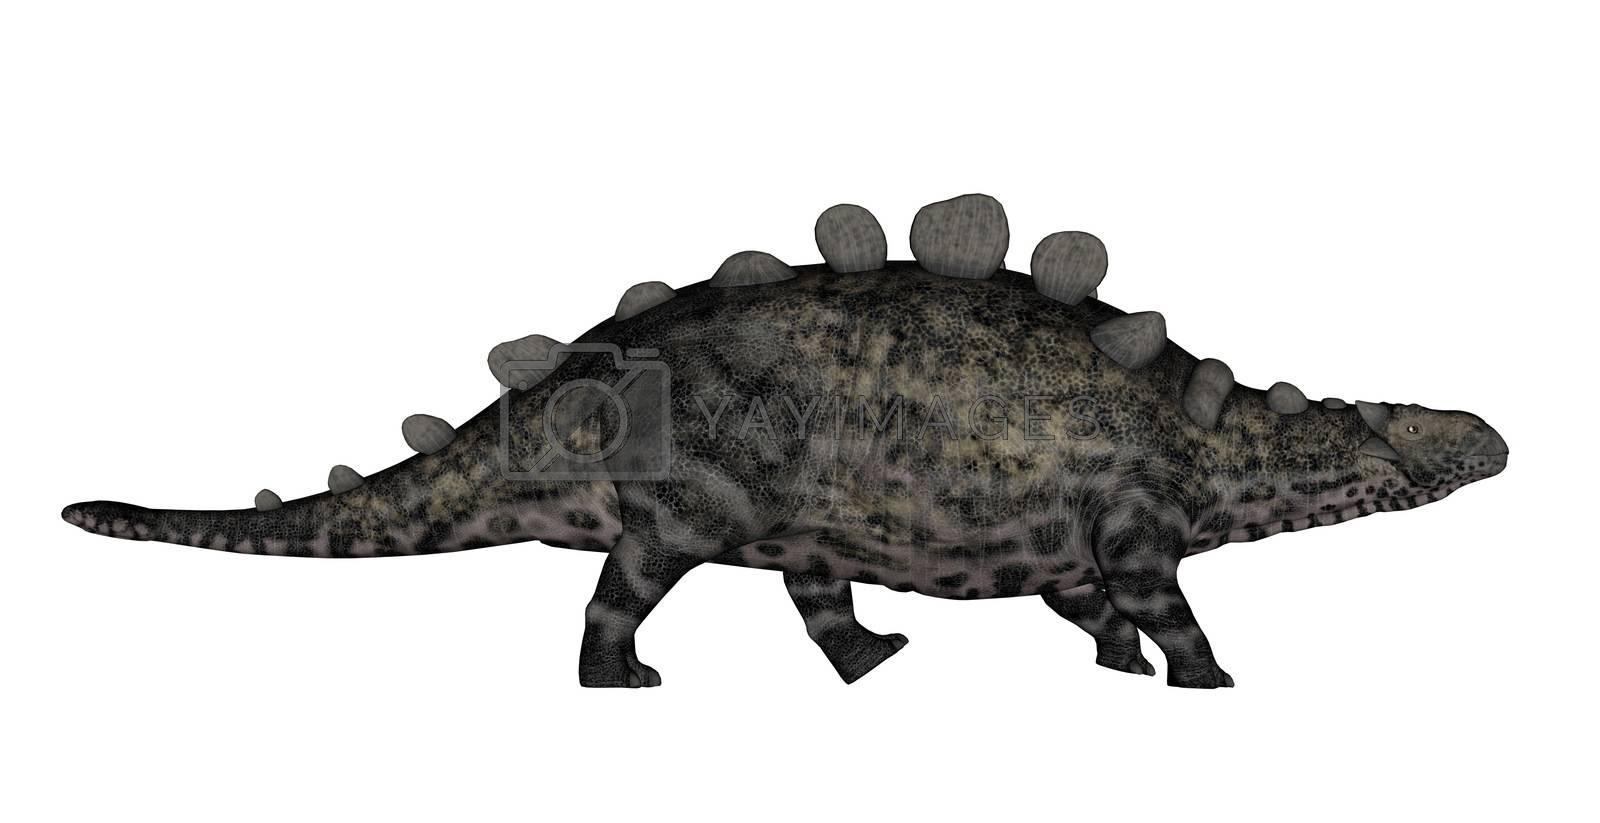 Chrichtonsaurus dinosaur walking isolated in white background - 3D render